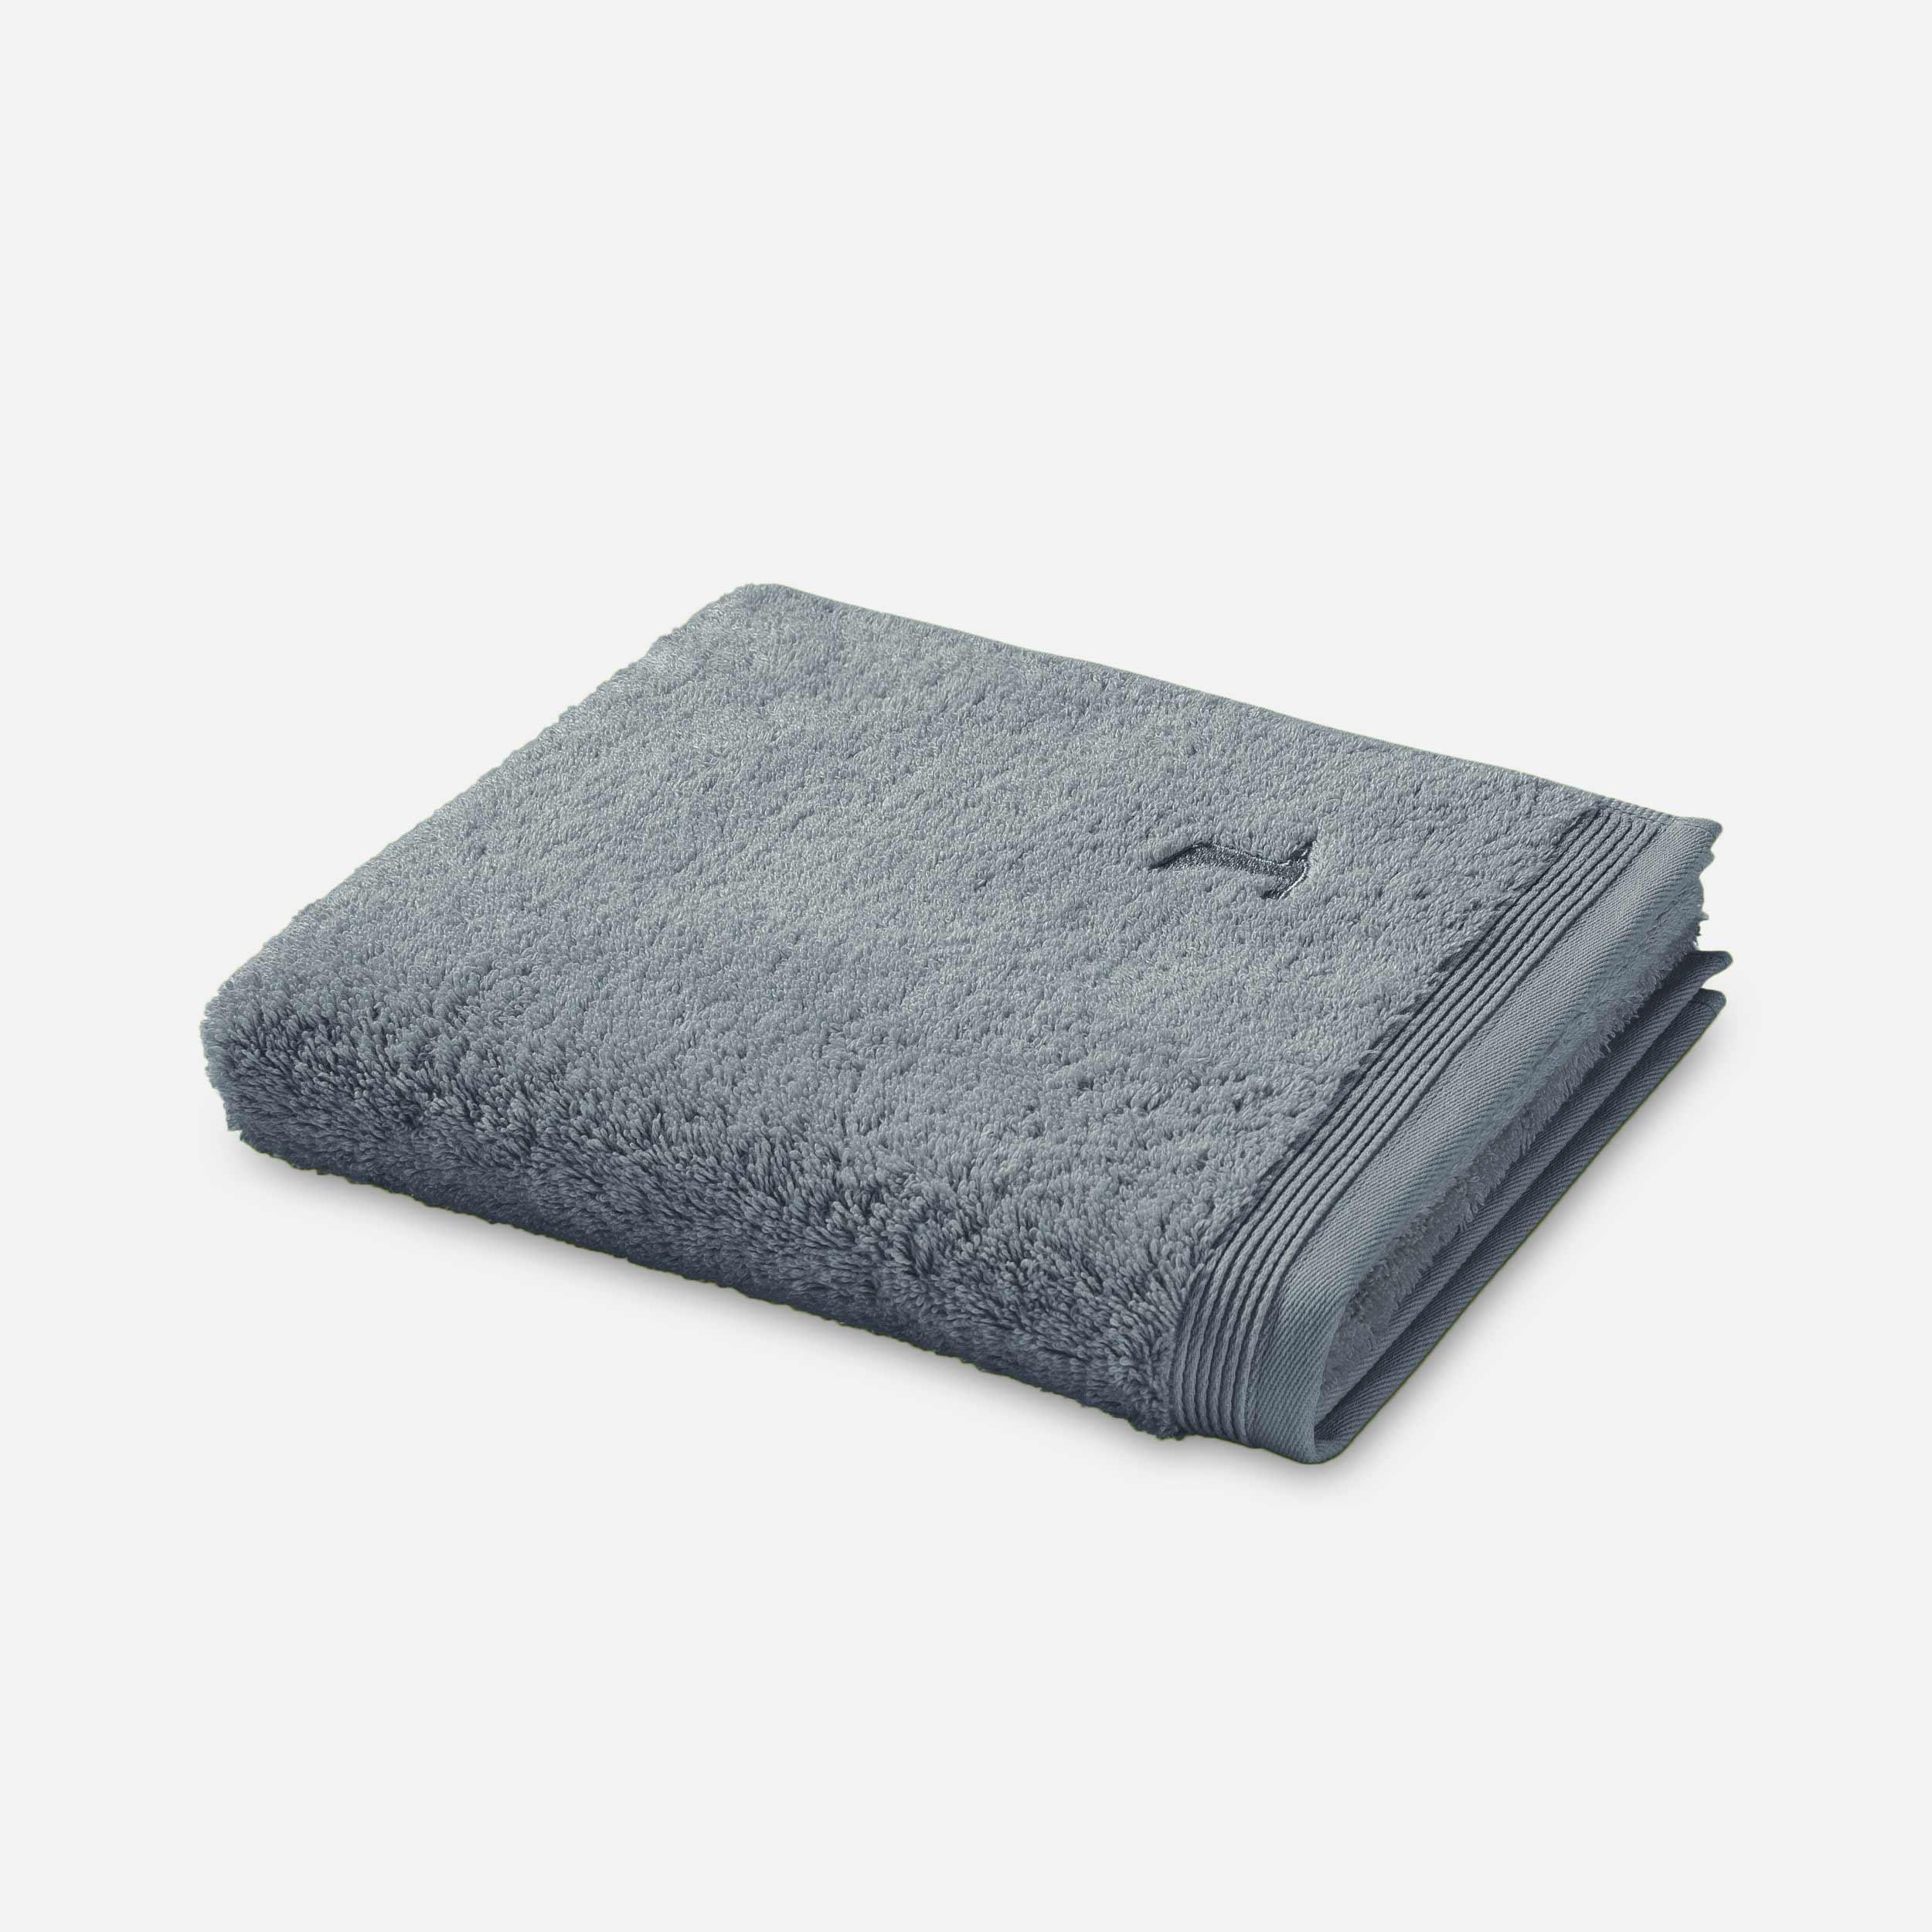 Полотенце для лица, рук или ног Moeve О17258775050100850, серый Moeve